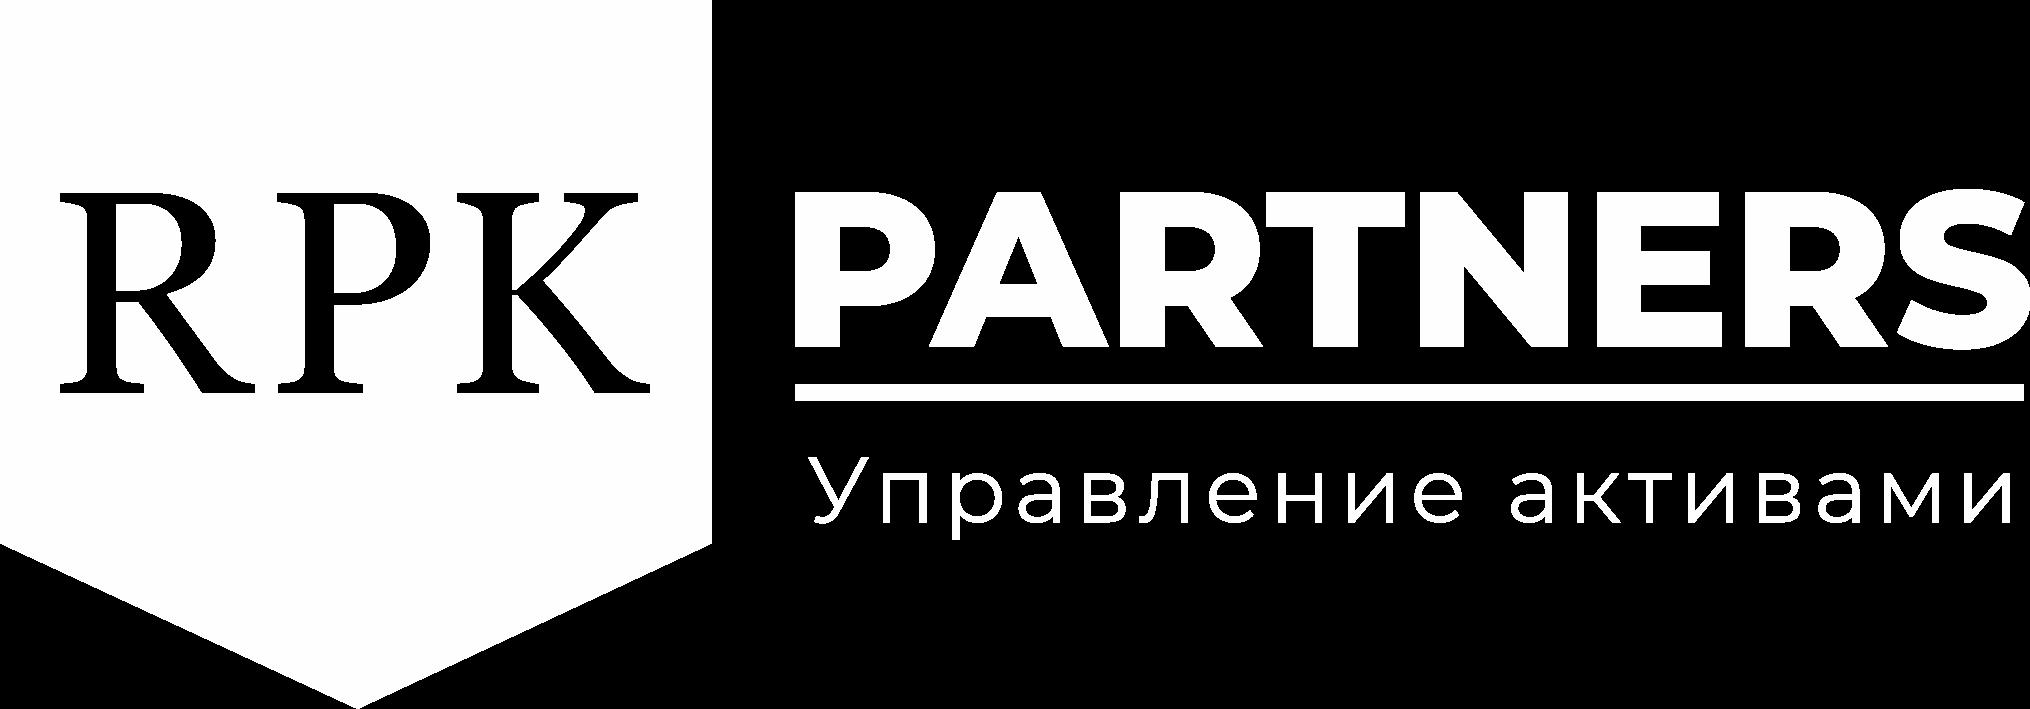 RPK Capital